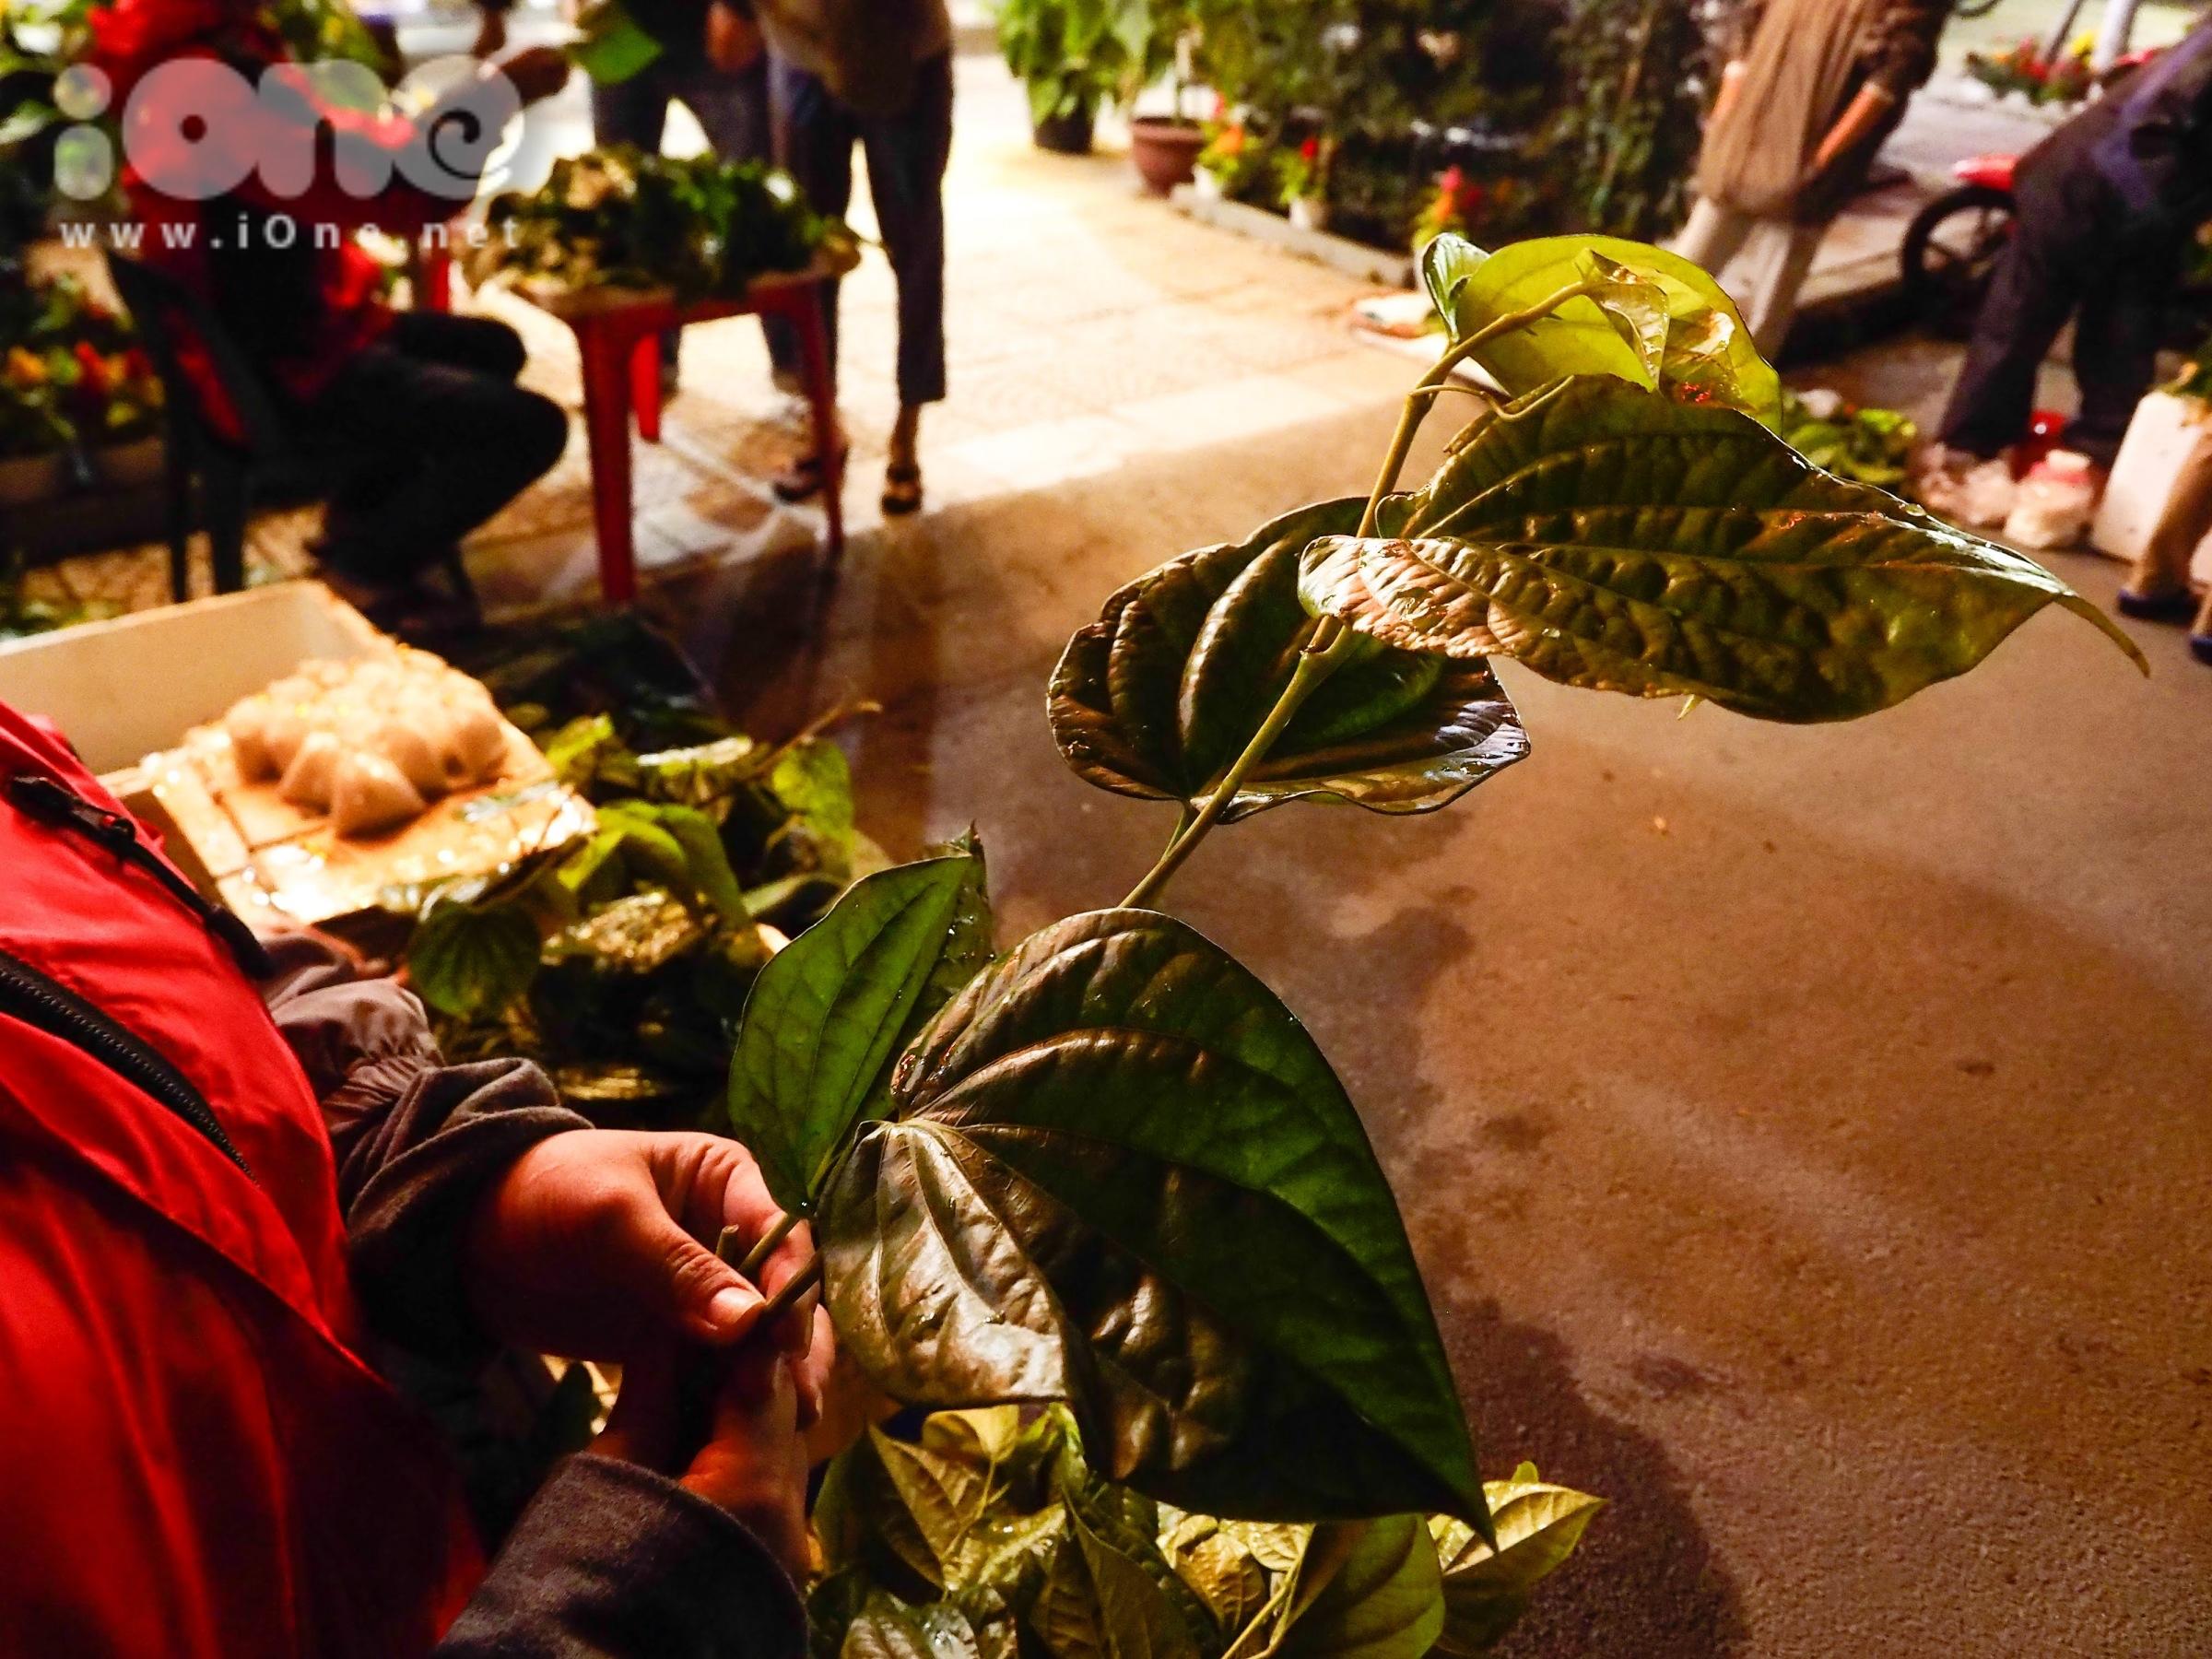 Phía trước cửa ra vào các ngôi chùa, nhiều người dân tập trung bán lá trầu, hạt muối, chuỗi hạt... để khách thăm viếng có thể mua về làm lộc, cầu may mắn.